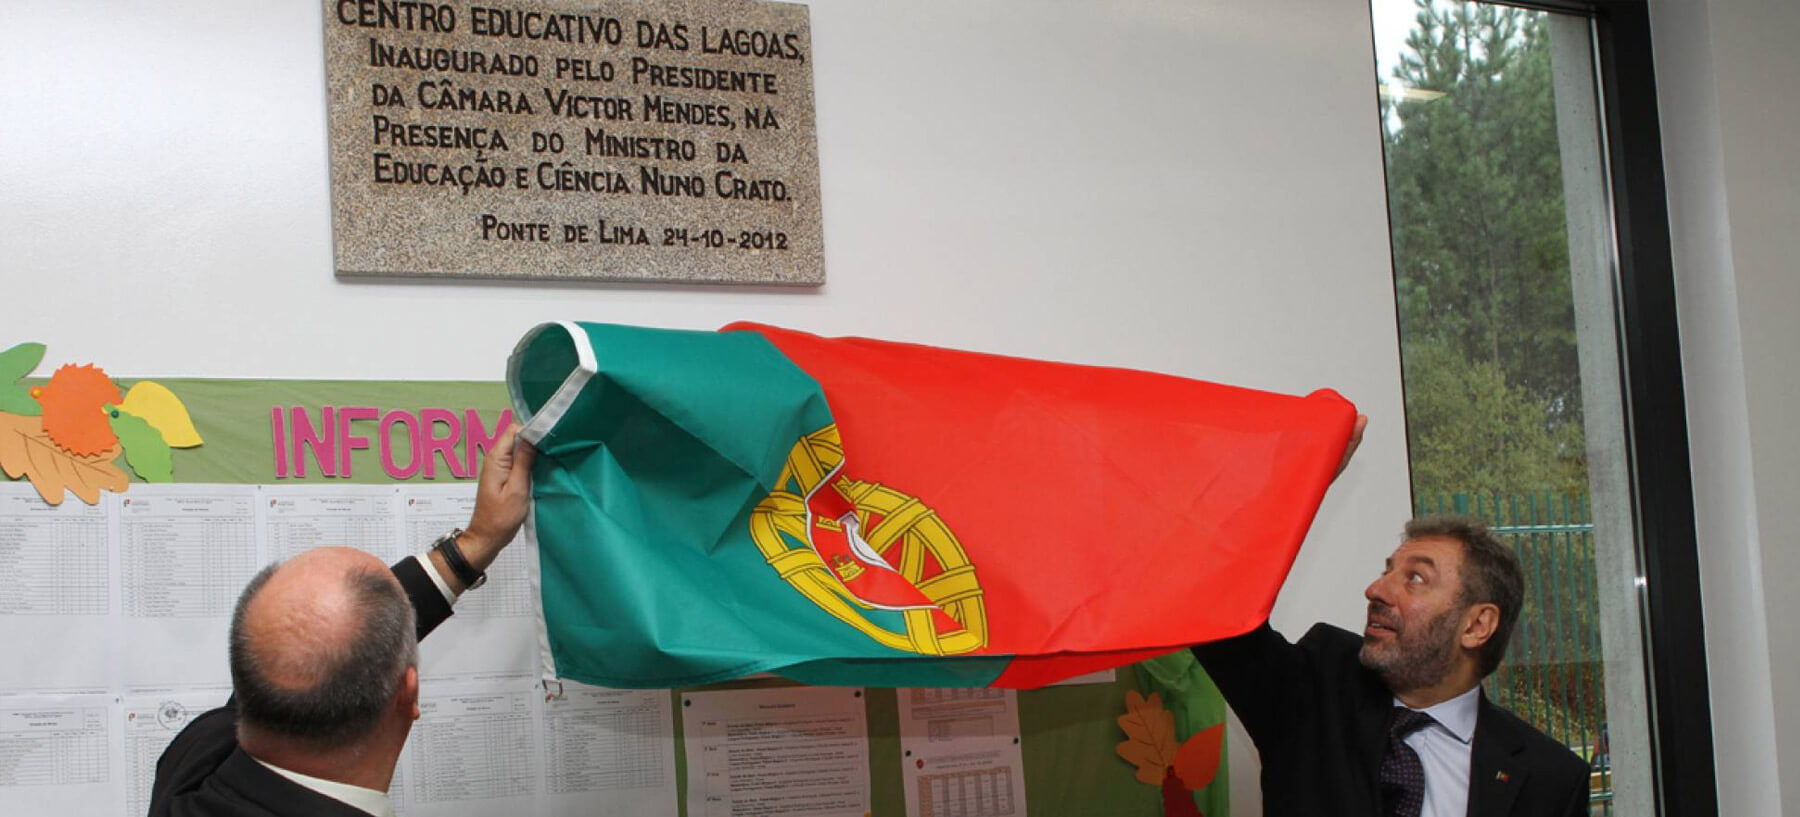 El Secreto Portugués Para Mejorar Casi 30 Puntos Desde Que Existe PISA